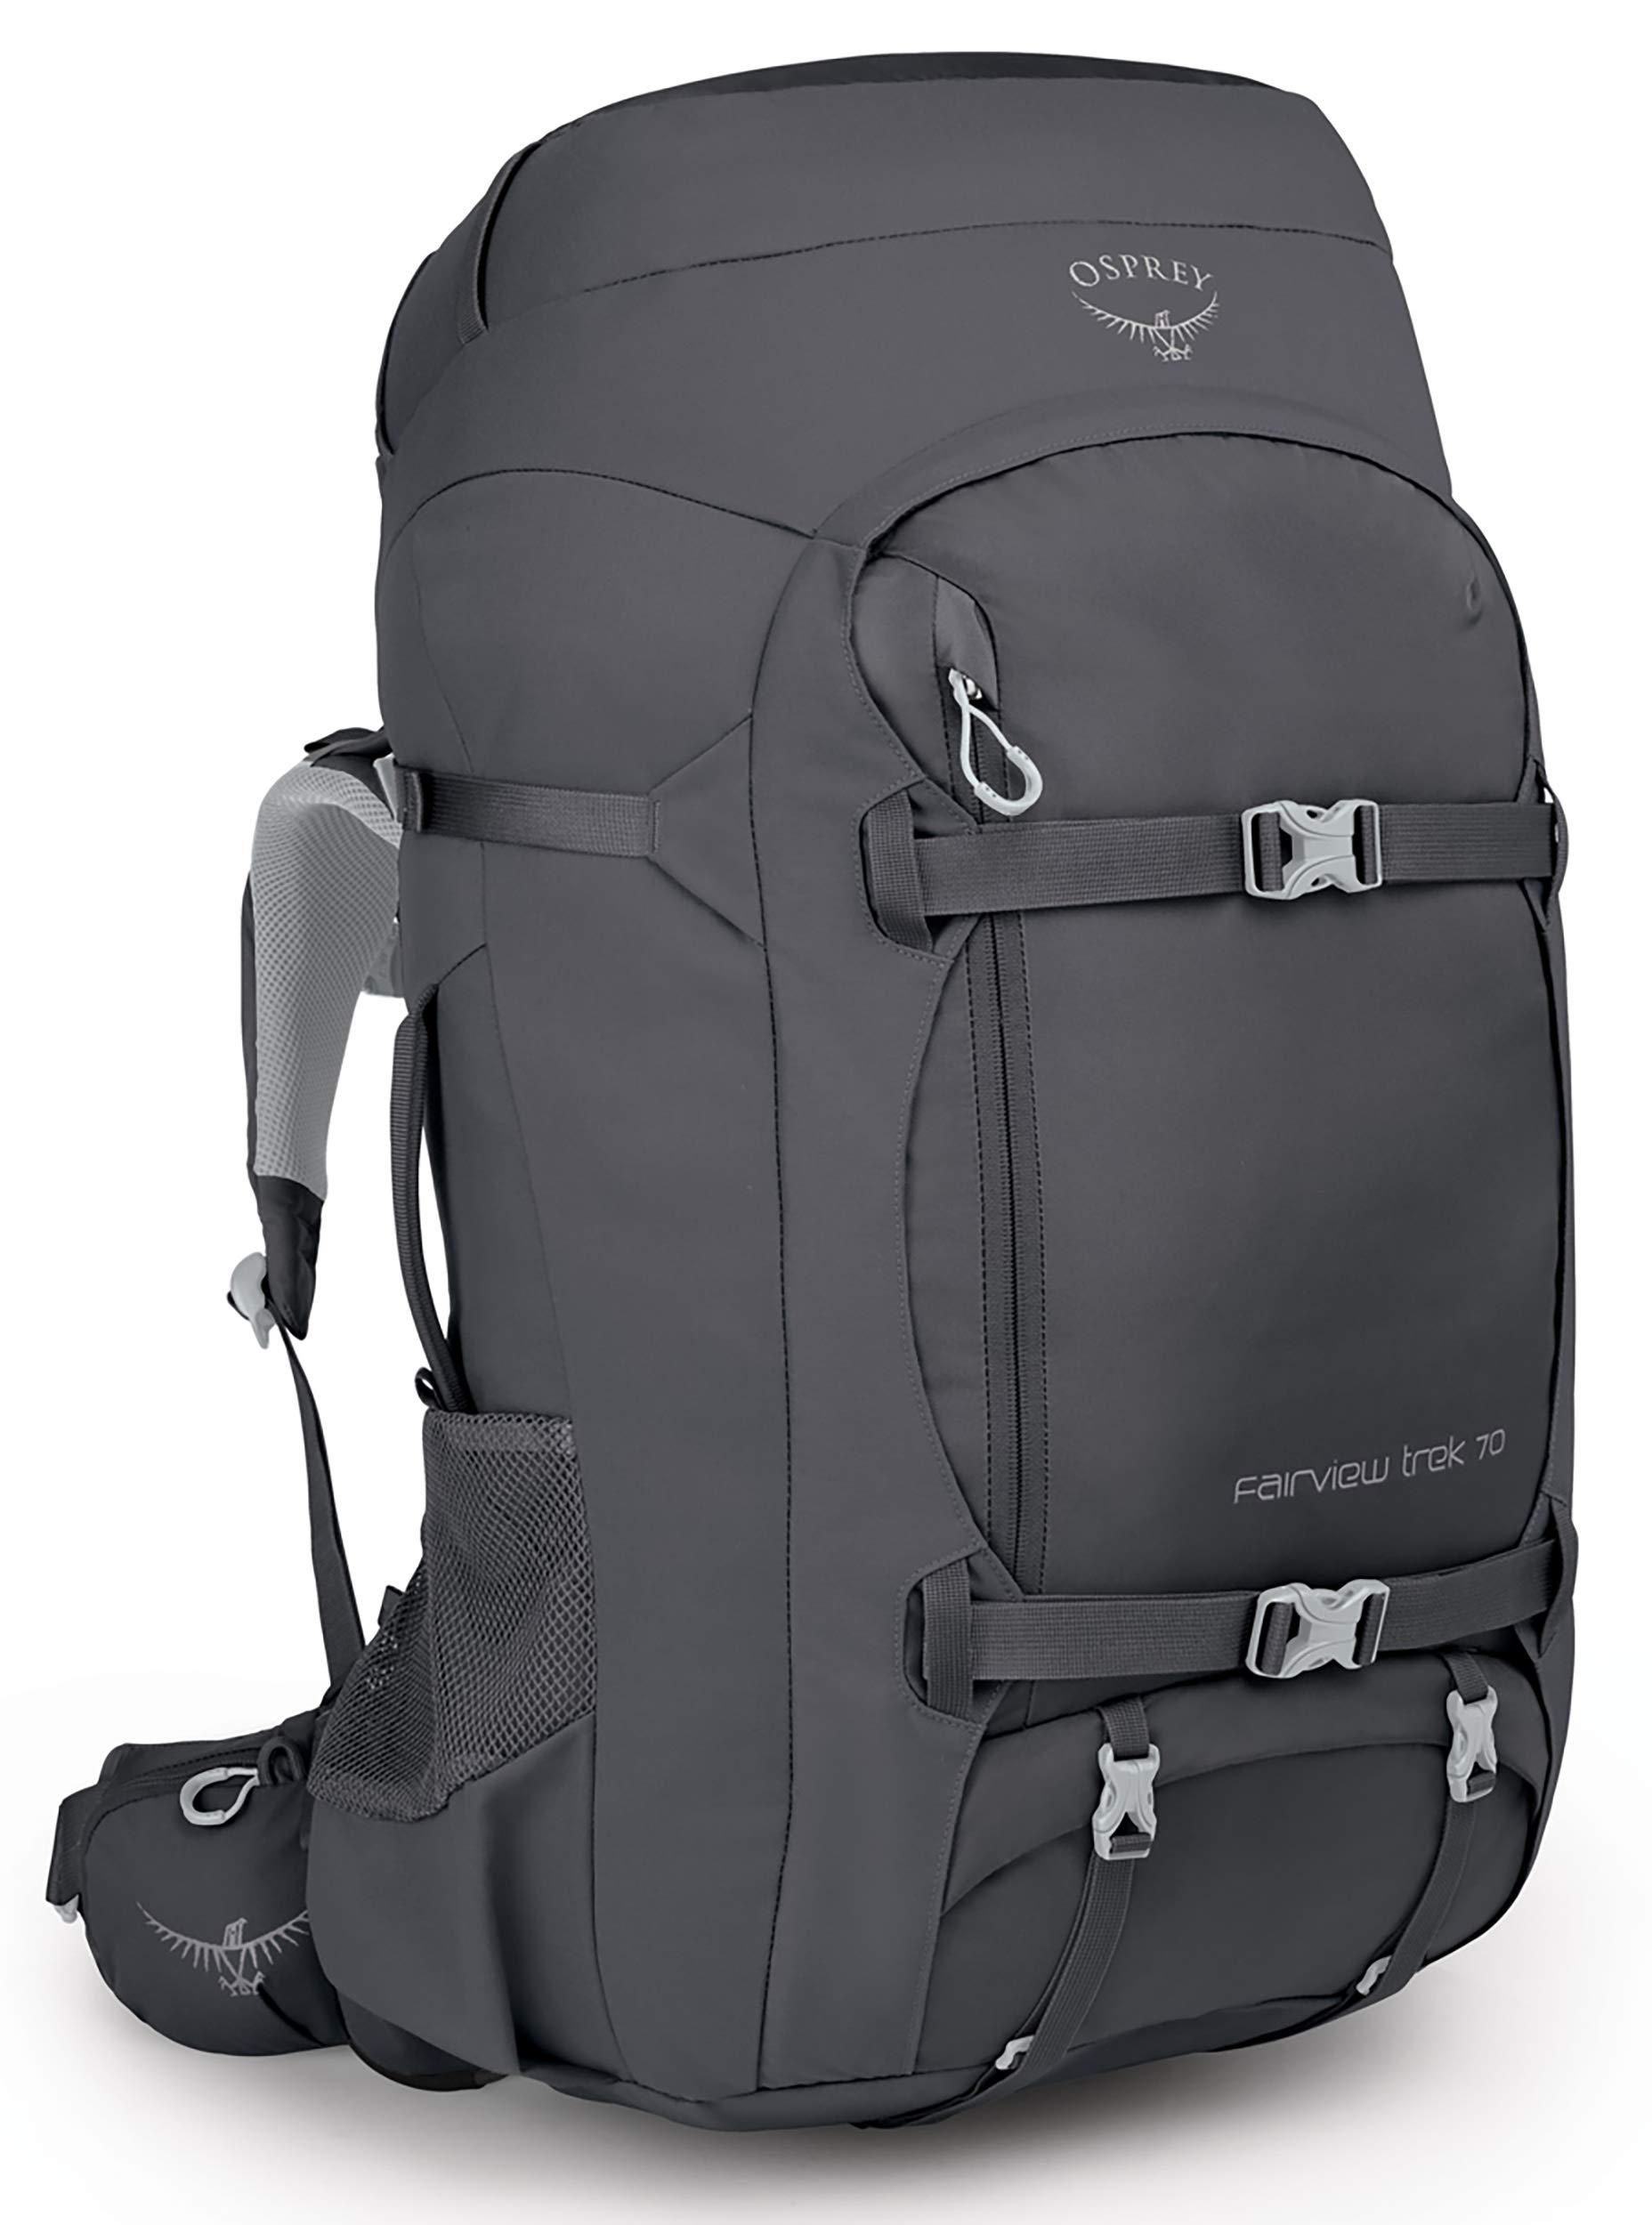 Osprey Fairview Trek 70 Women's Travel Backpack